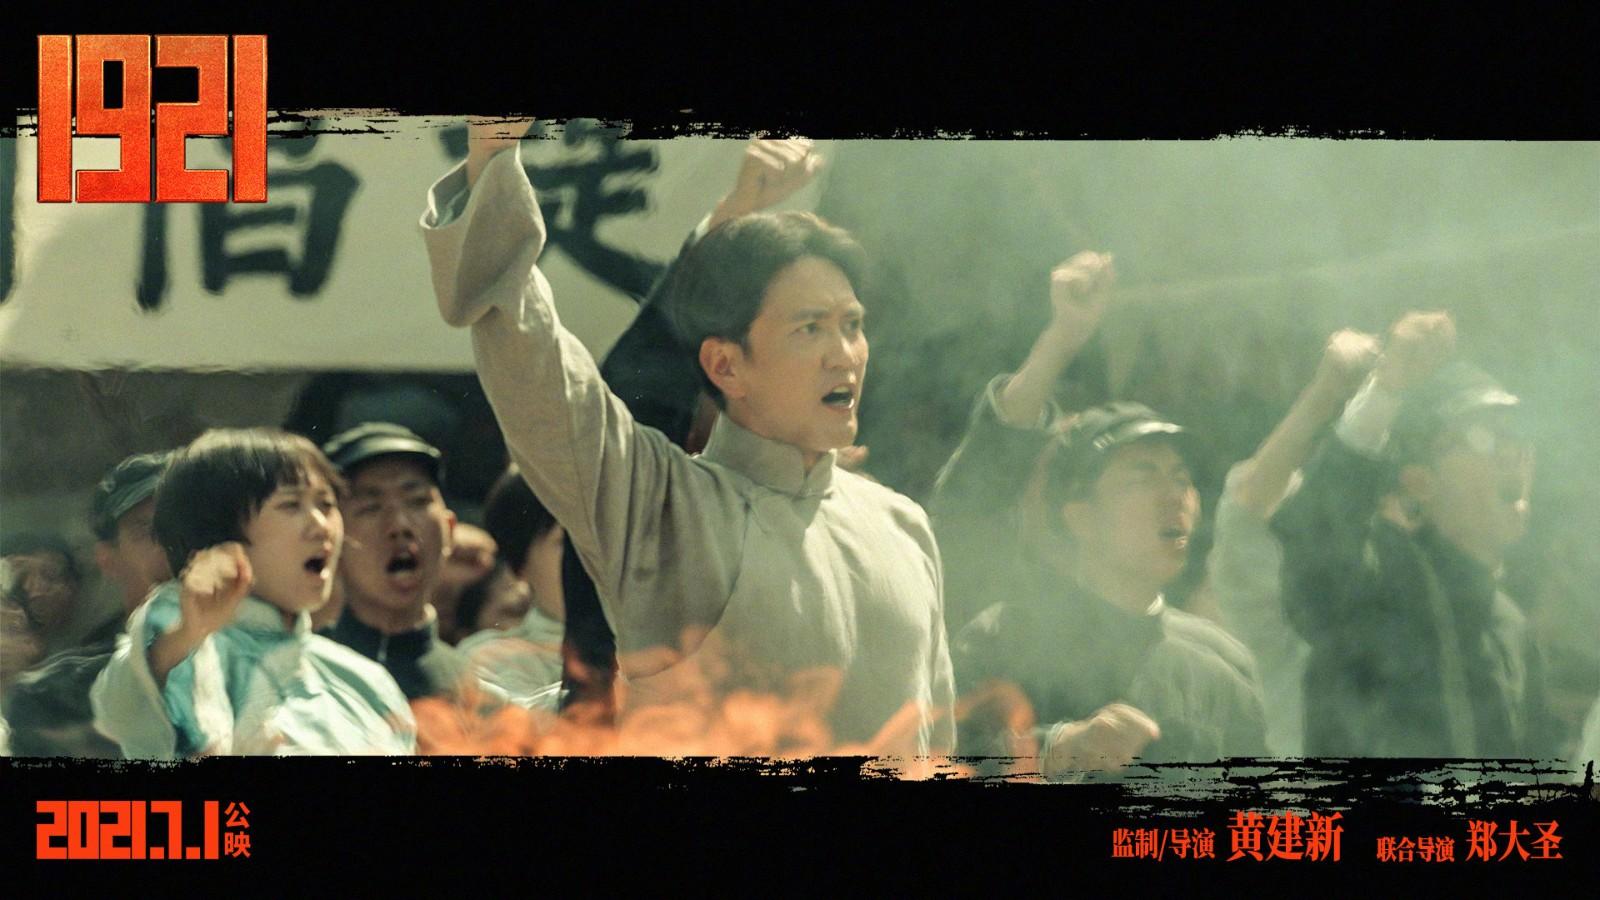 《1921》新海报和剧照发布 王仁君饰演青年毛泽东